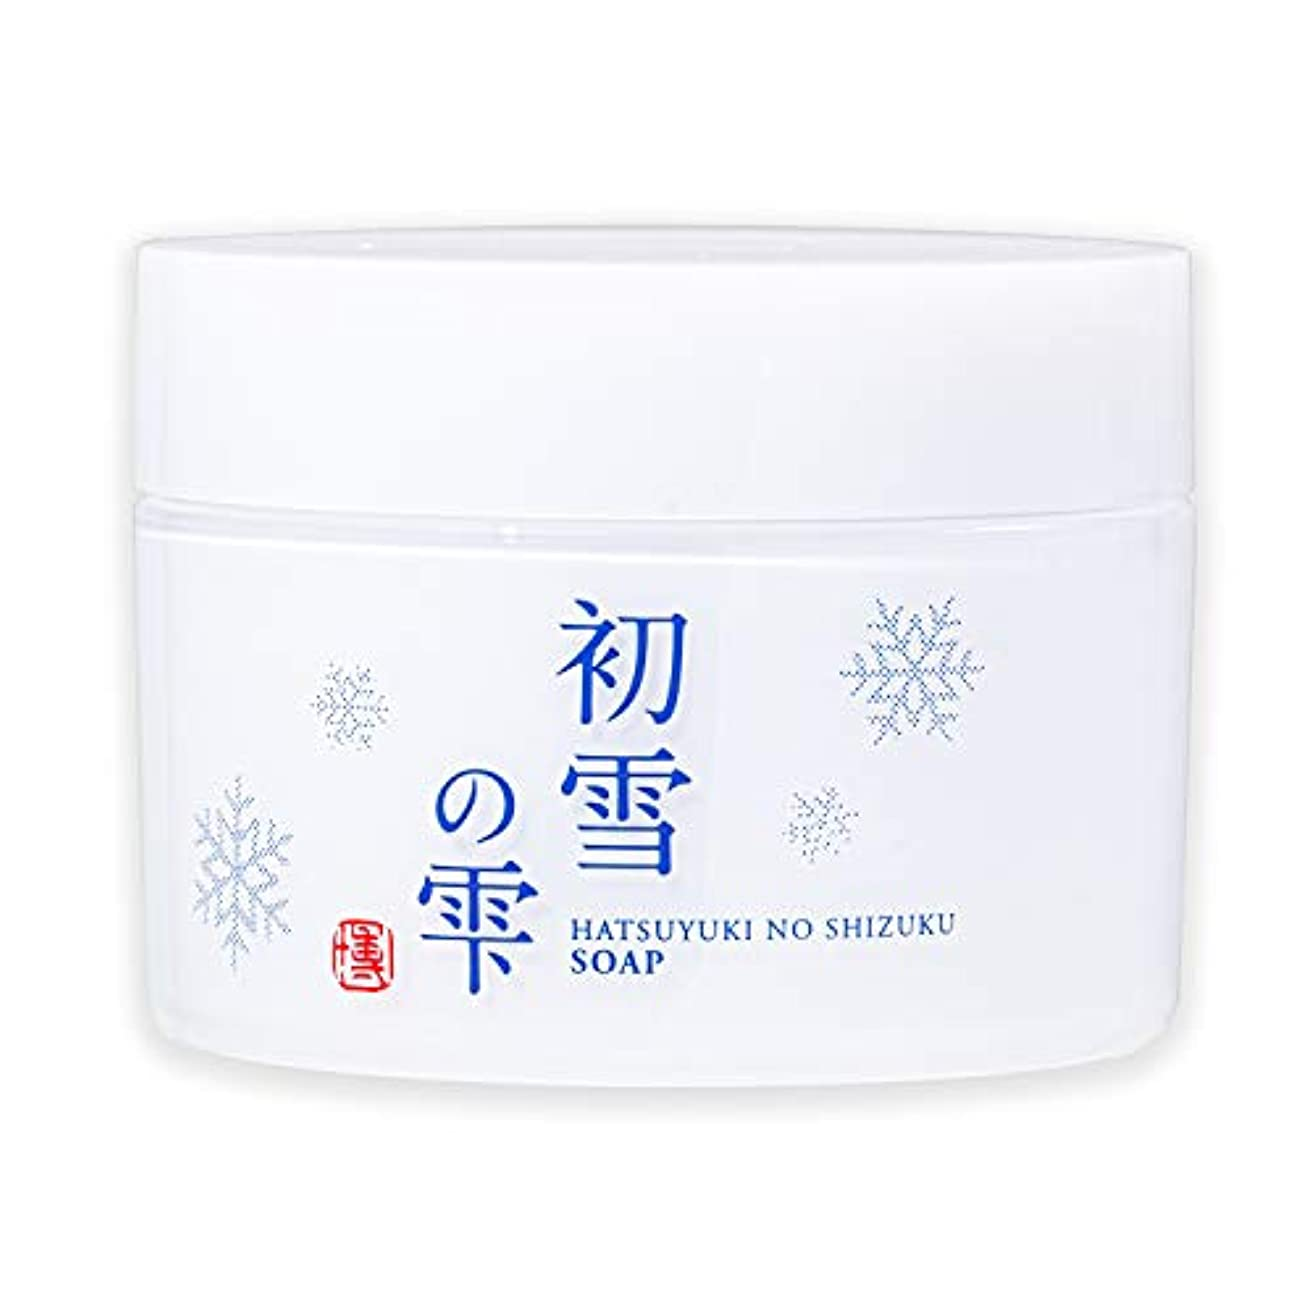 必要条件構築するストライド初雪の雫 泡 洗顔 練り せっけん ジャータイプ 105g 約1~1.5ヶ月分 [プラセンタ ヒアルロン酸 セラミド ビタミンC ]